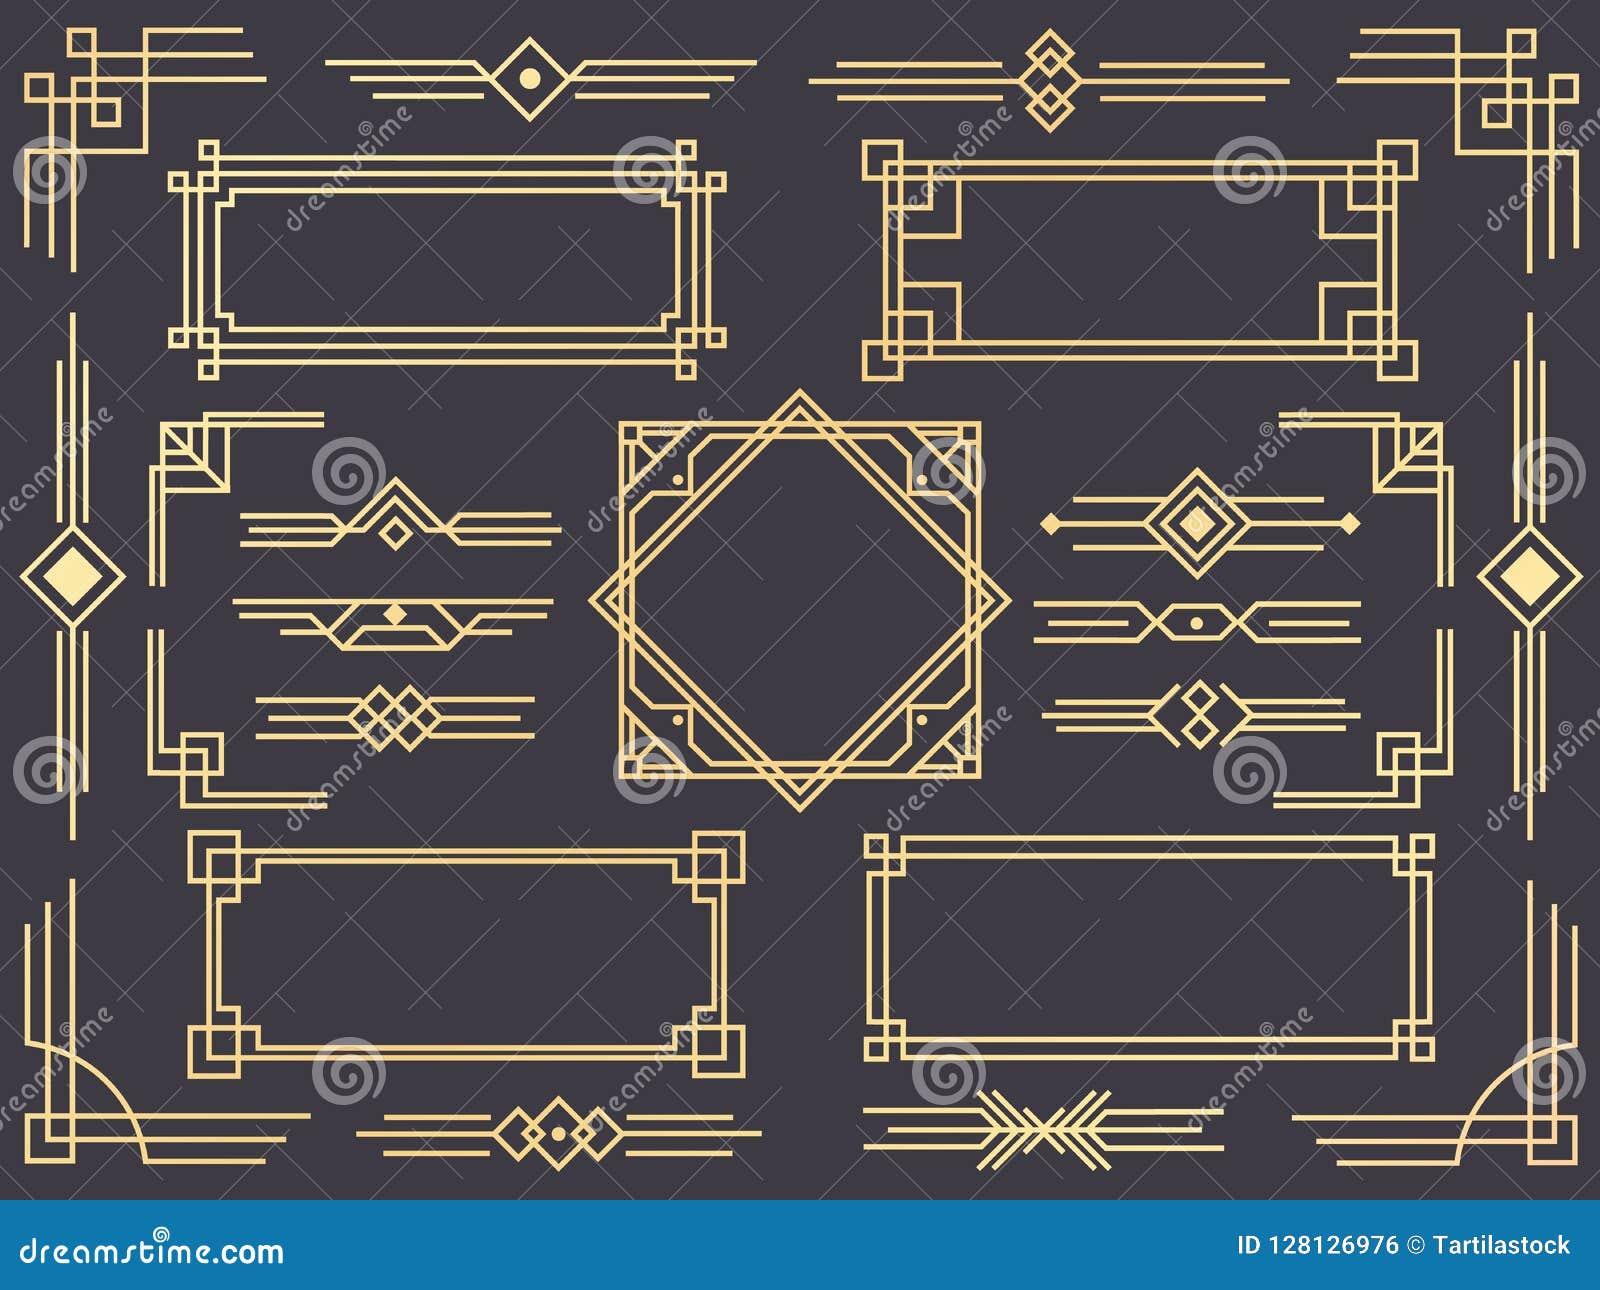 Линия граница стиля Арт Деко Современные арабские рамки золота, декоративные линии границы и геометрический золотой вектор рамки